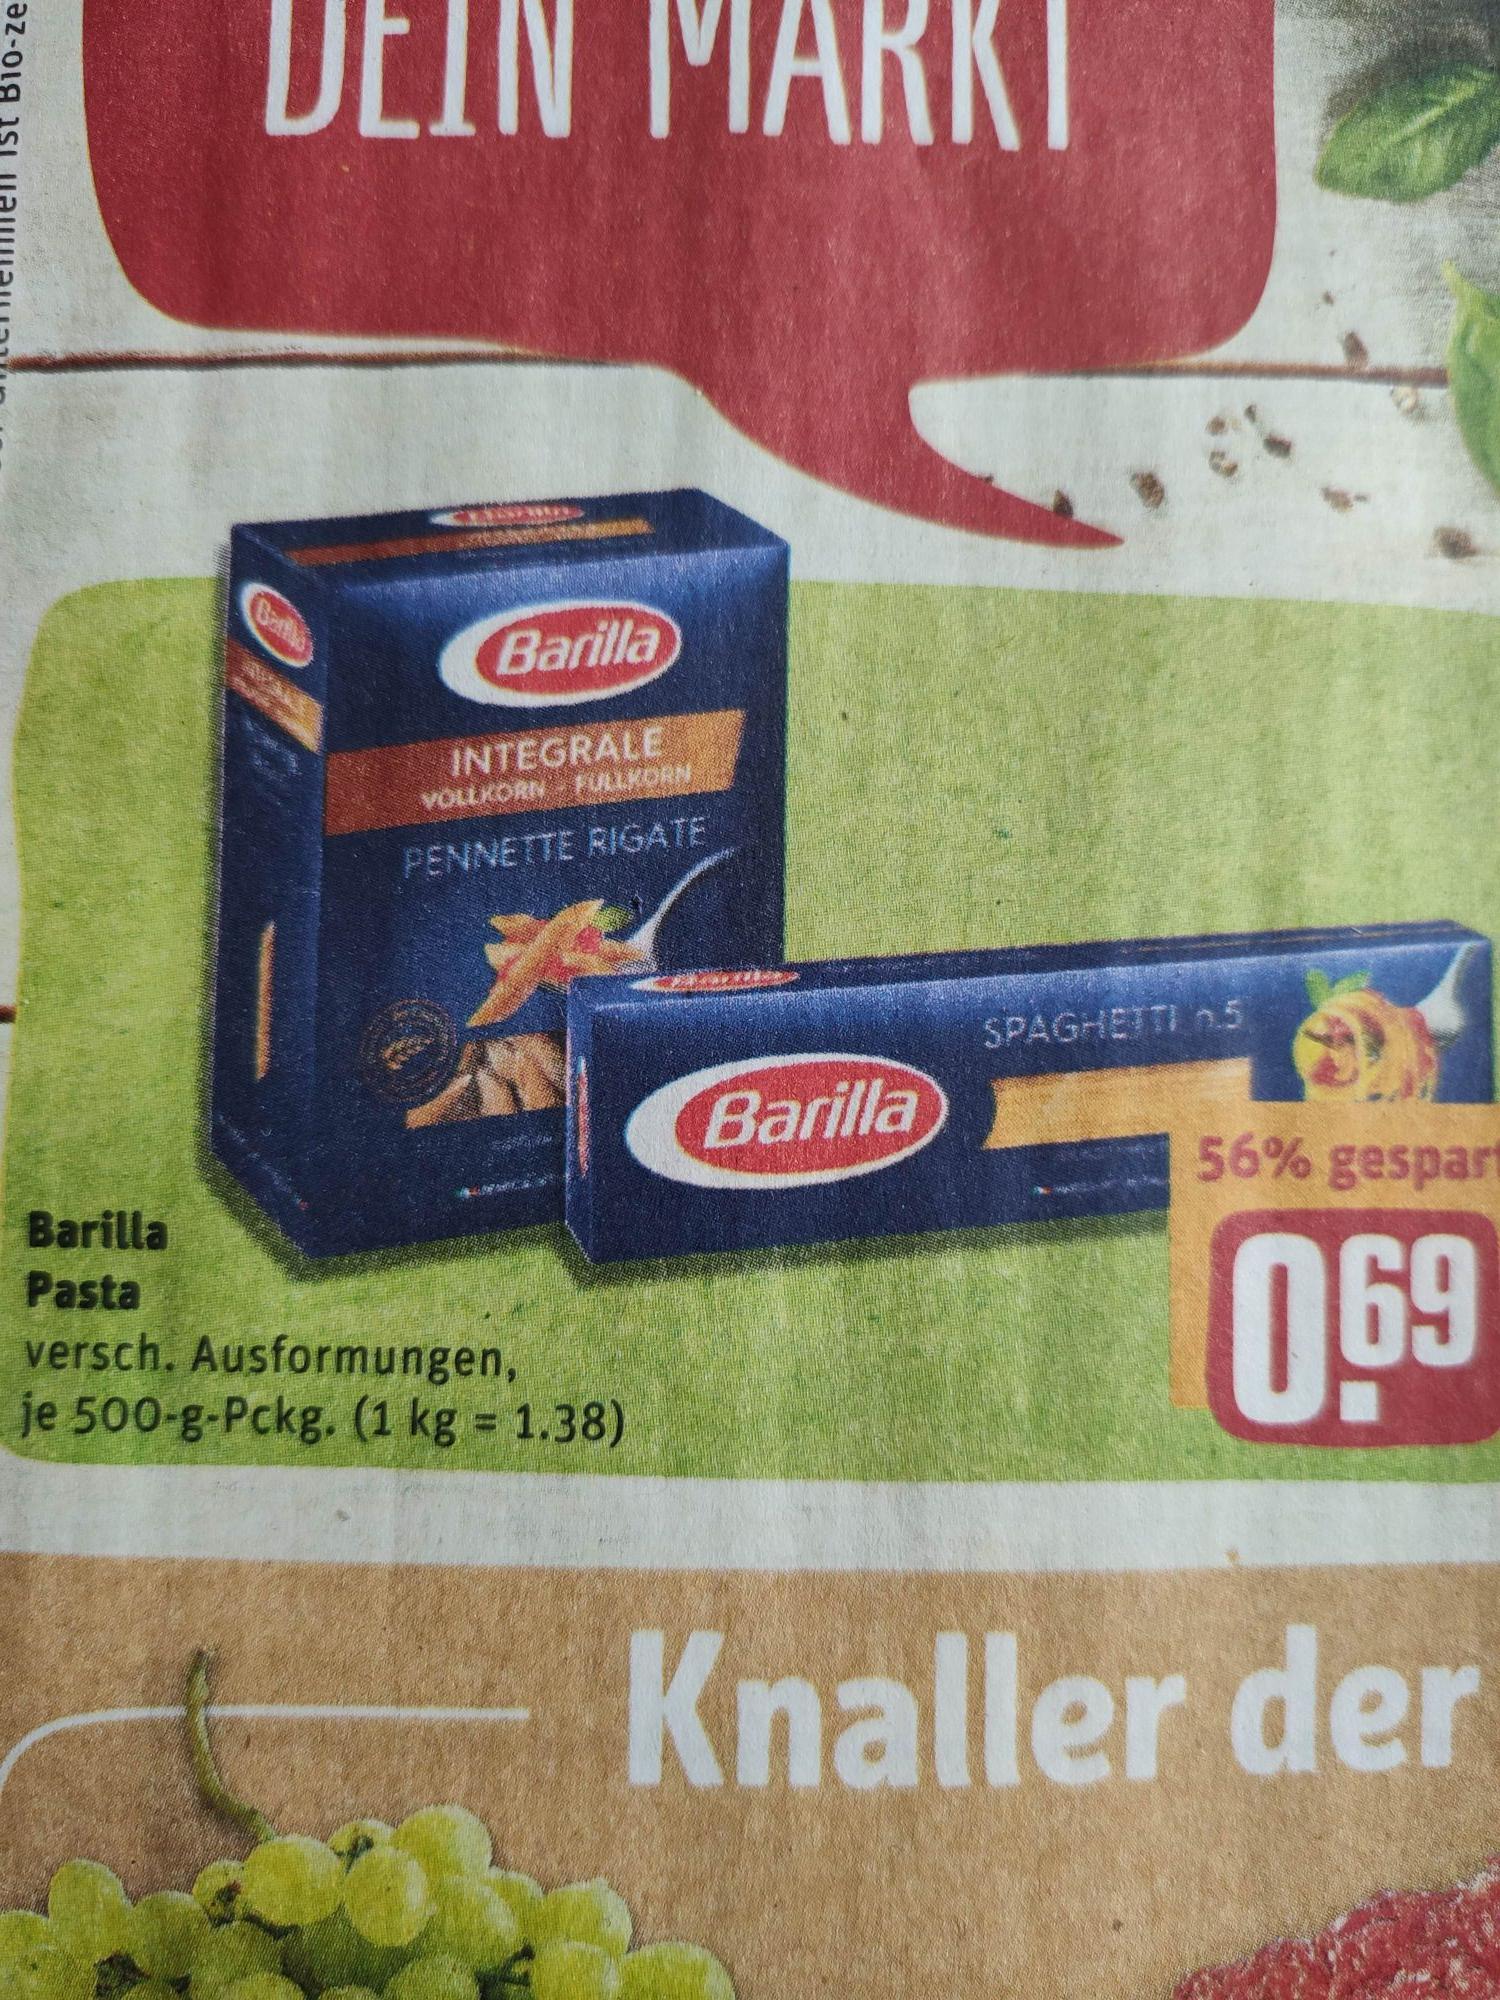 Barilla Integrale u.a. im Angebot 500g für 0,69€ (REWE)